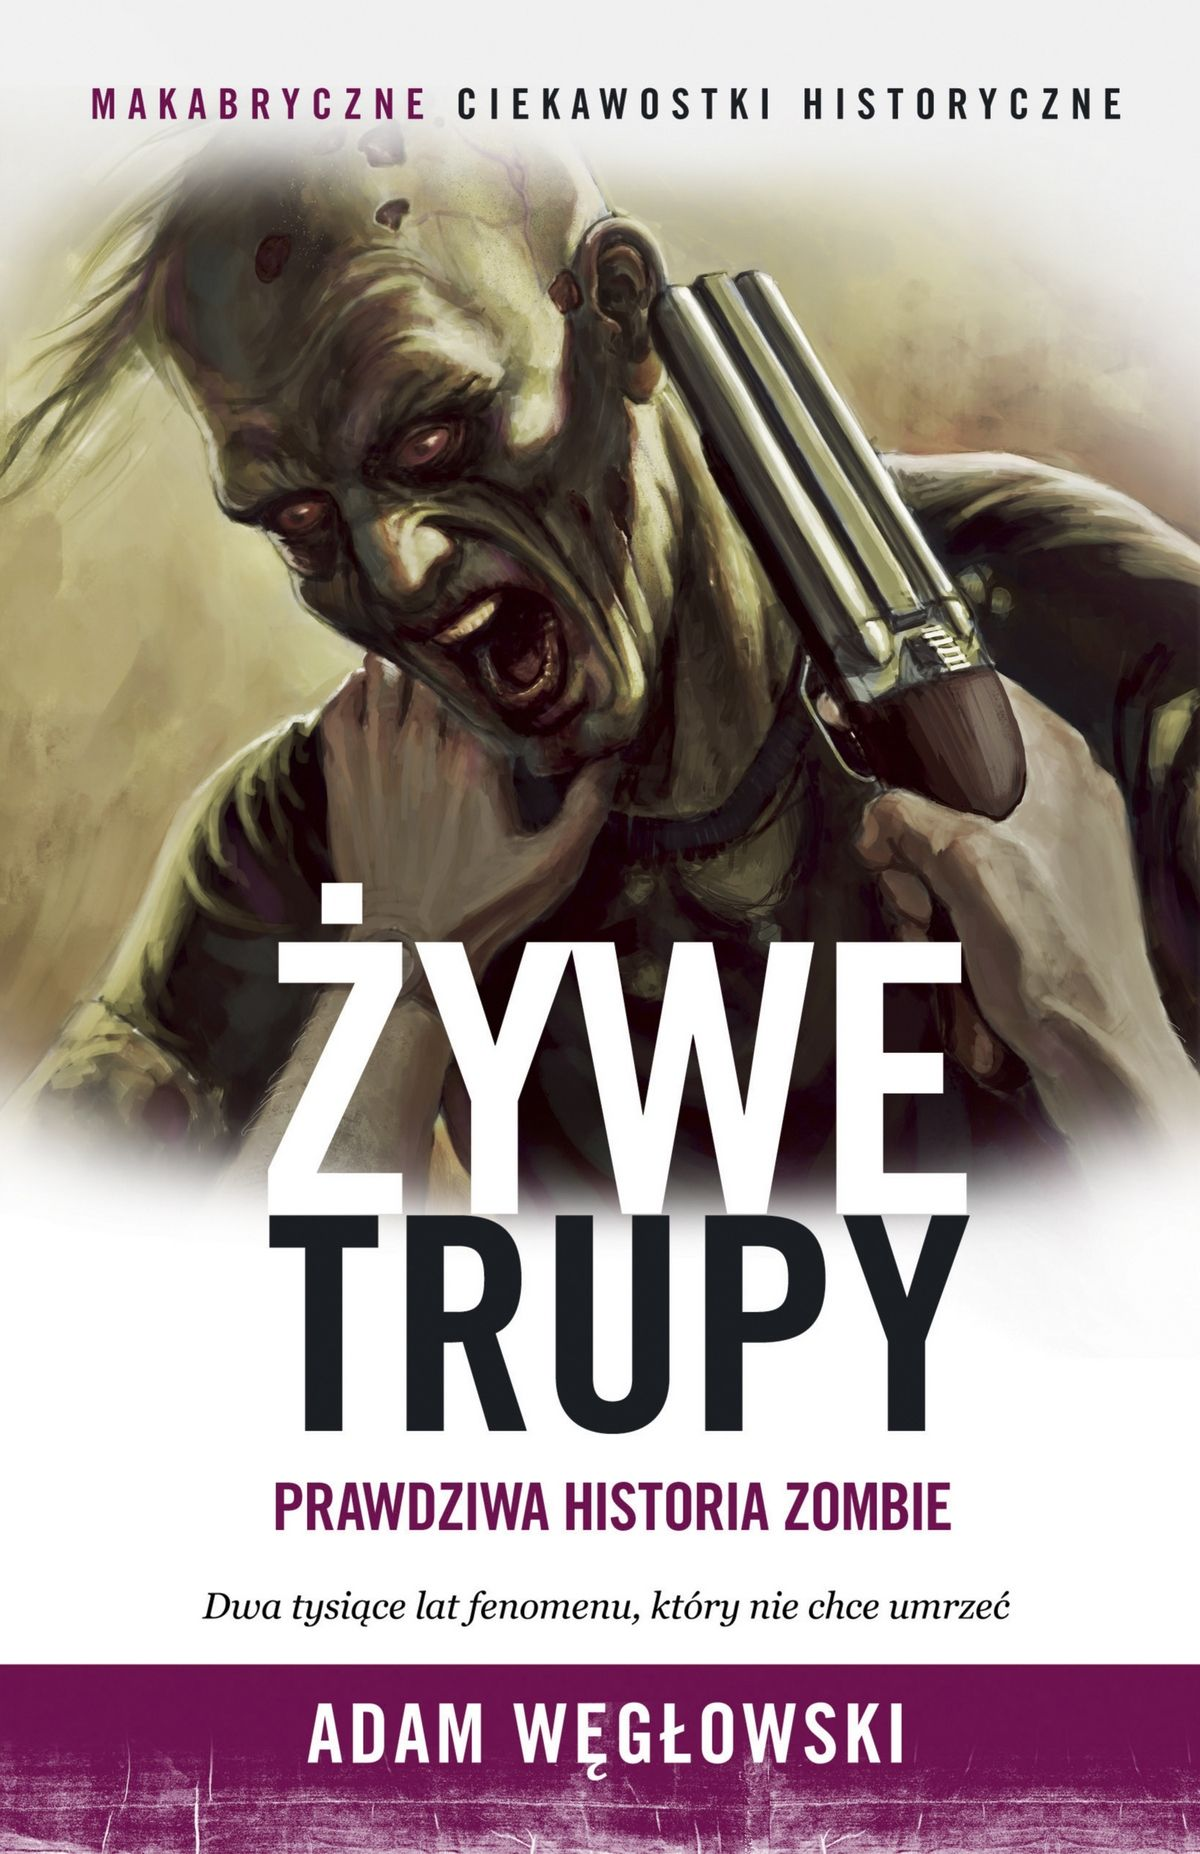 """Nagrodą w konkursie jest pięć egzemplarzy naszej najnowszej książki pod tytułem """"Żywe trupy. Prawdziwa historia zombie""""."""